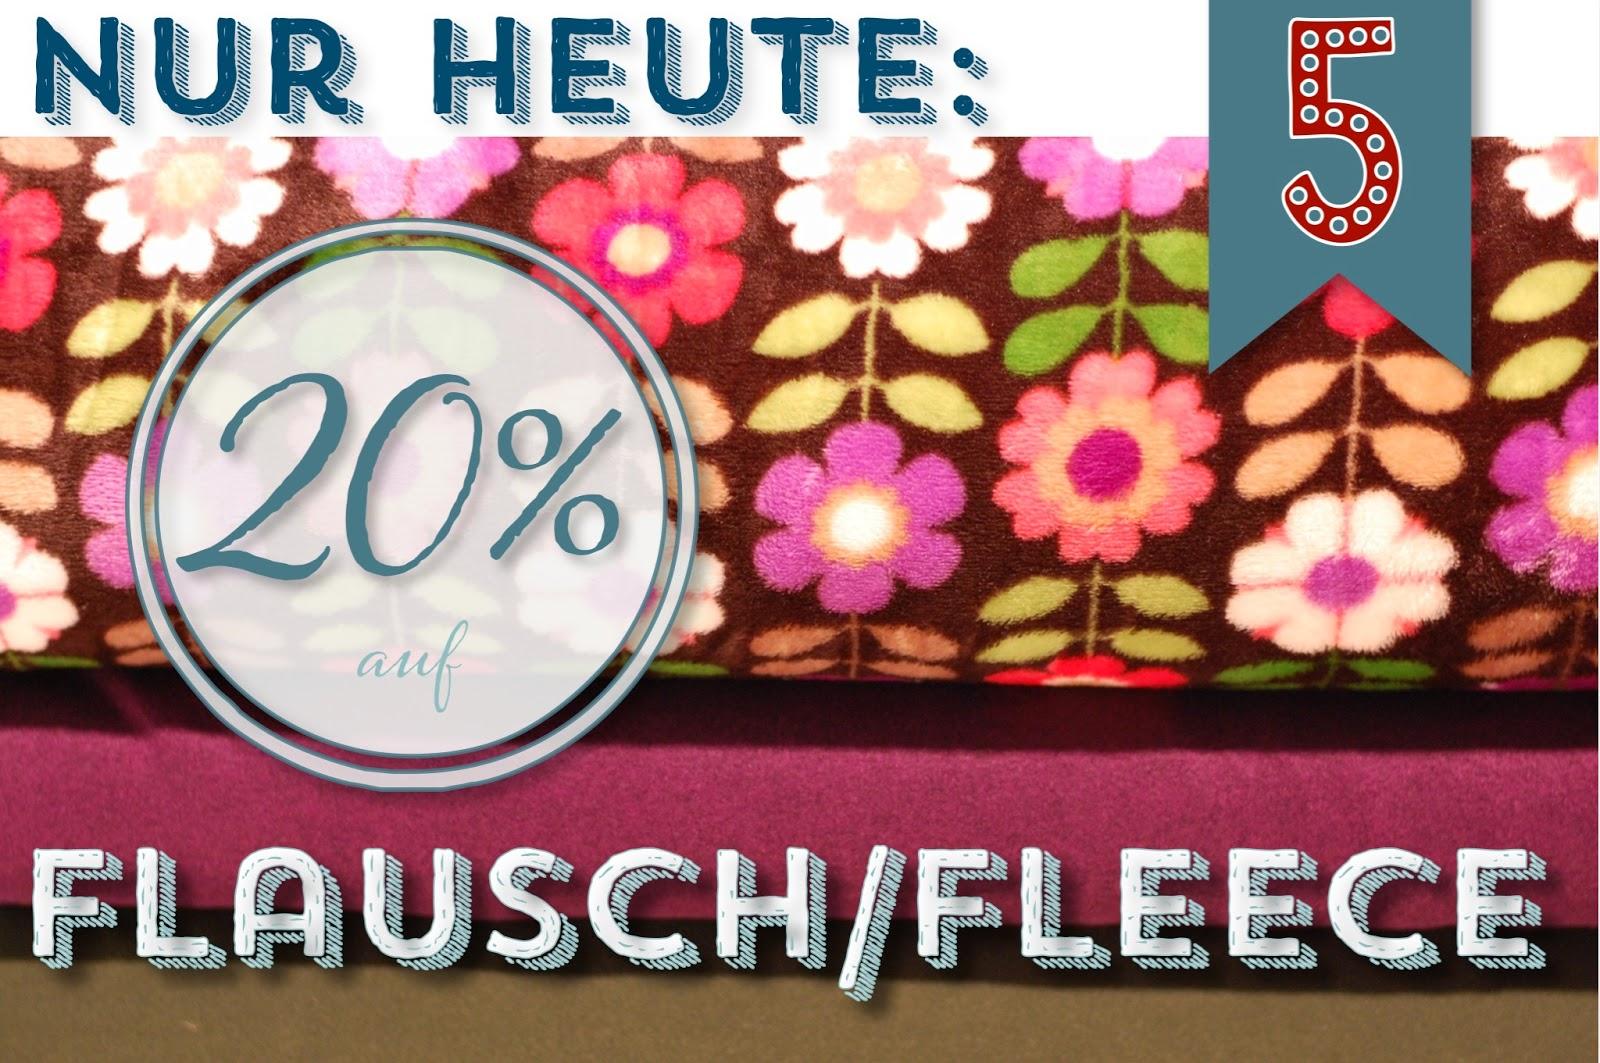 Türchen N°5 im Adventsmirakel: 20% auf Fleece & Flausch! 2